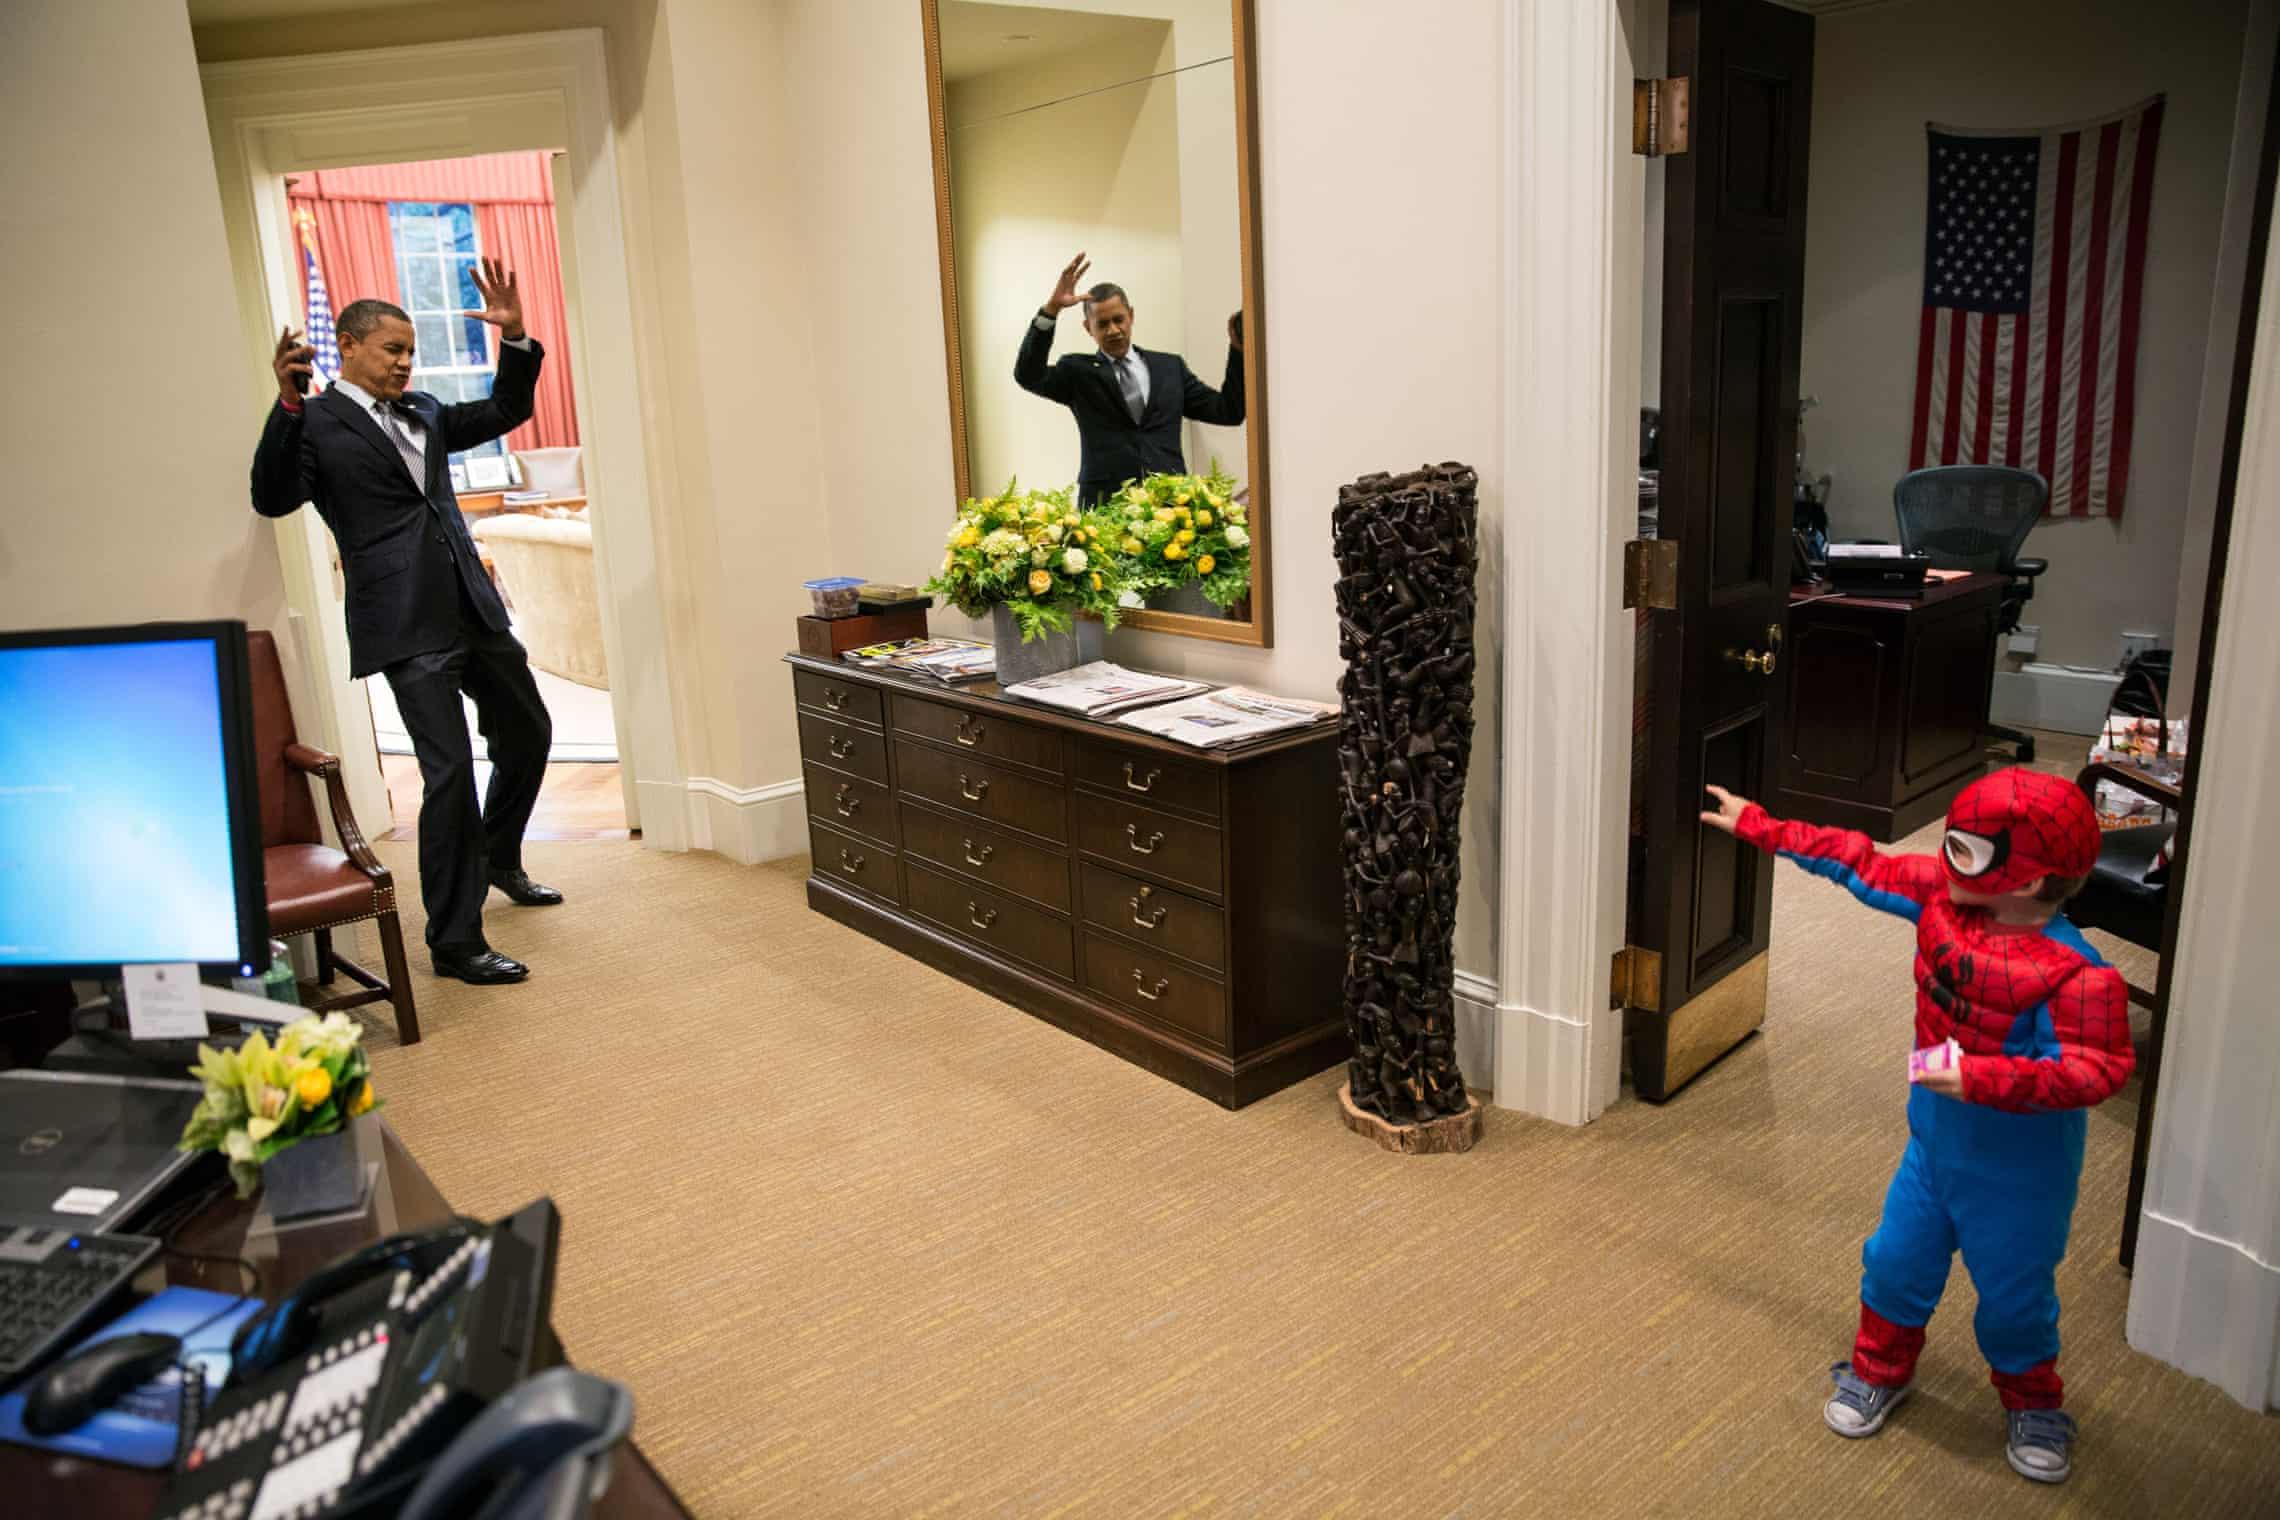 Fotograf Pete Souza: Skutečný Barack Obama